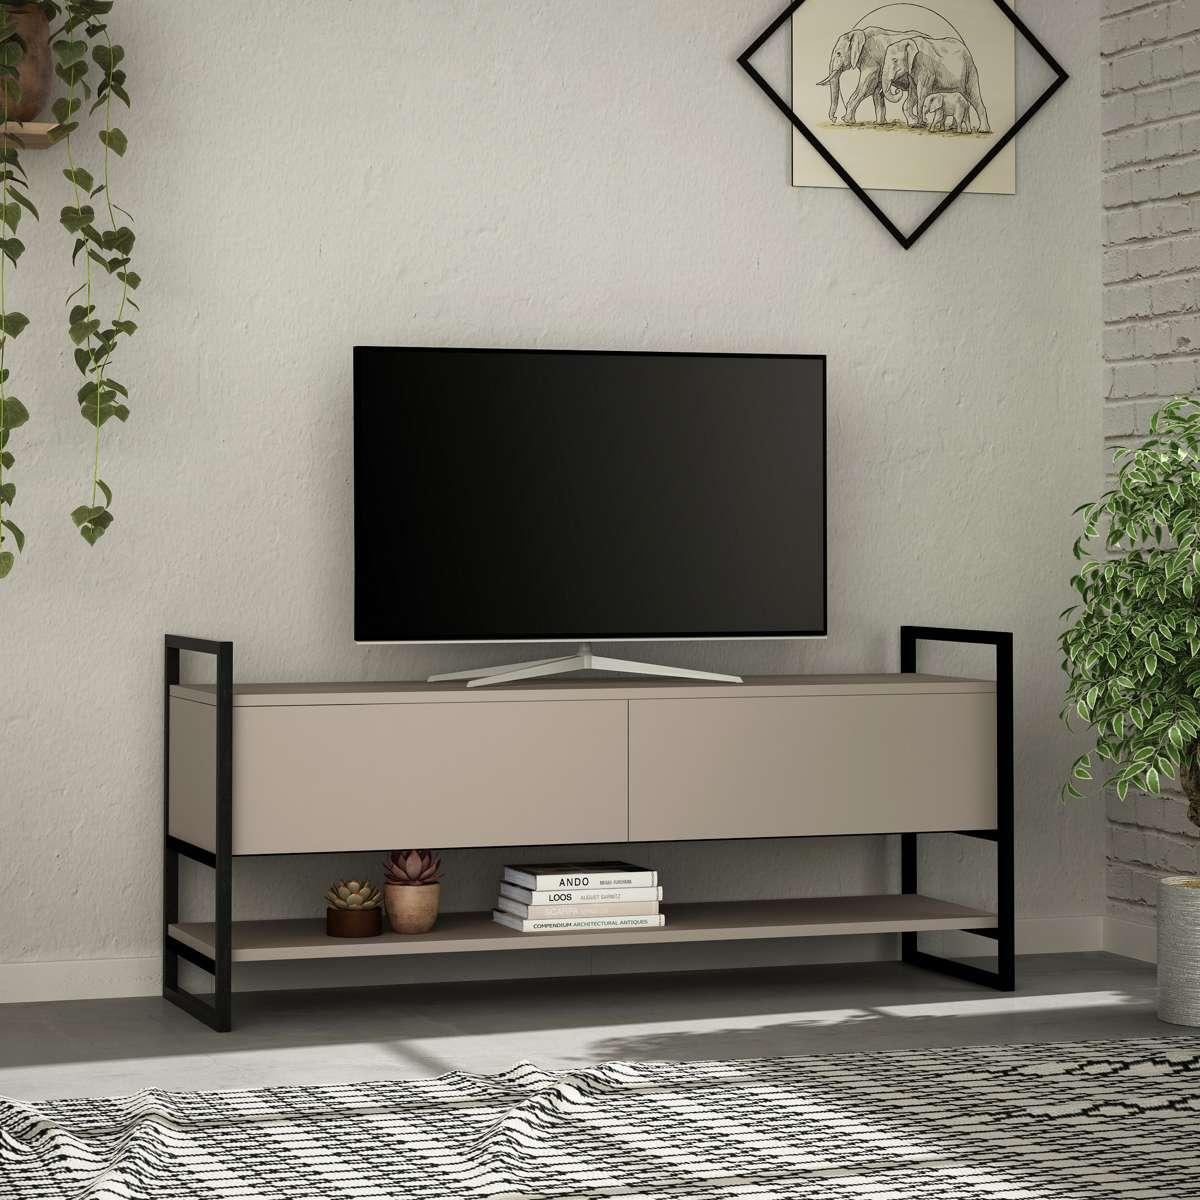 מזנון טלוויזיה Metola TV מוקה 131ס